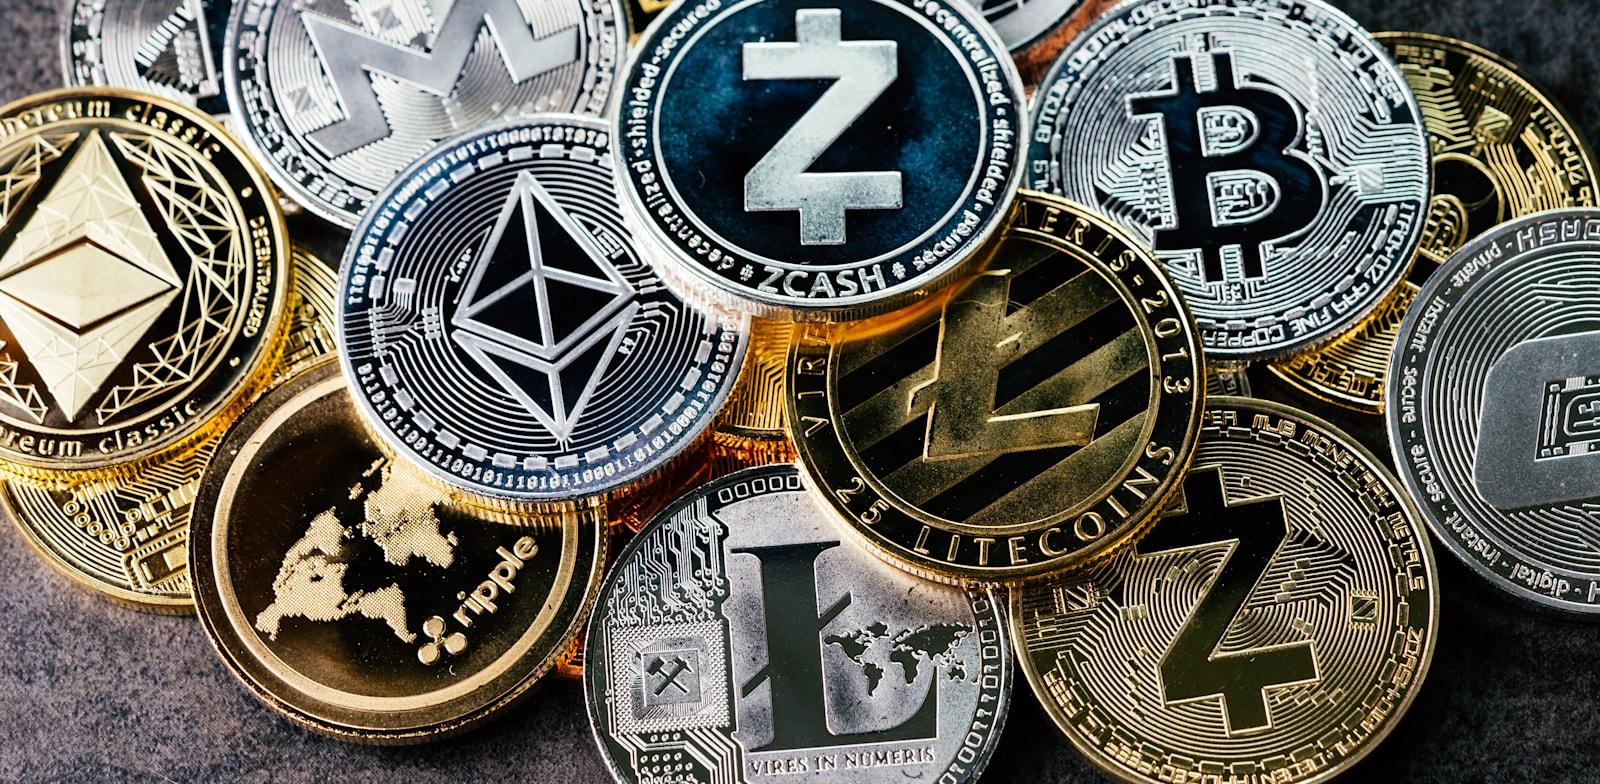 מטבעות קריפטו / צילום: Shutterstock, eamesBot